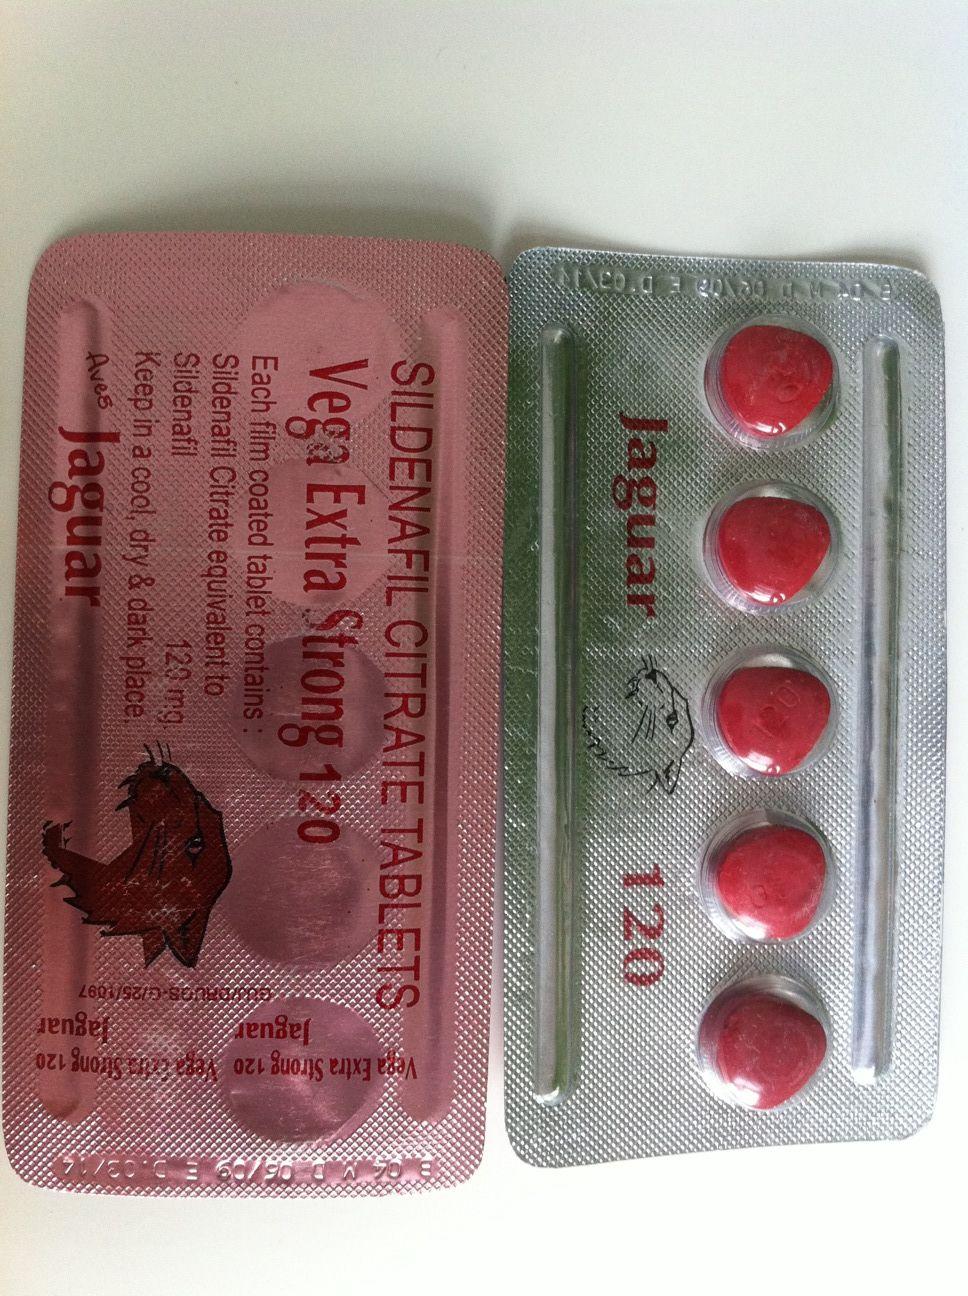 Jaguar-120 sildenafil citrate tablets tadalafil dose for bph